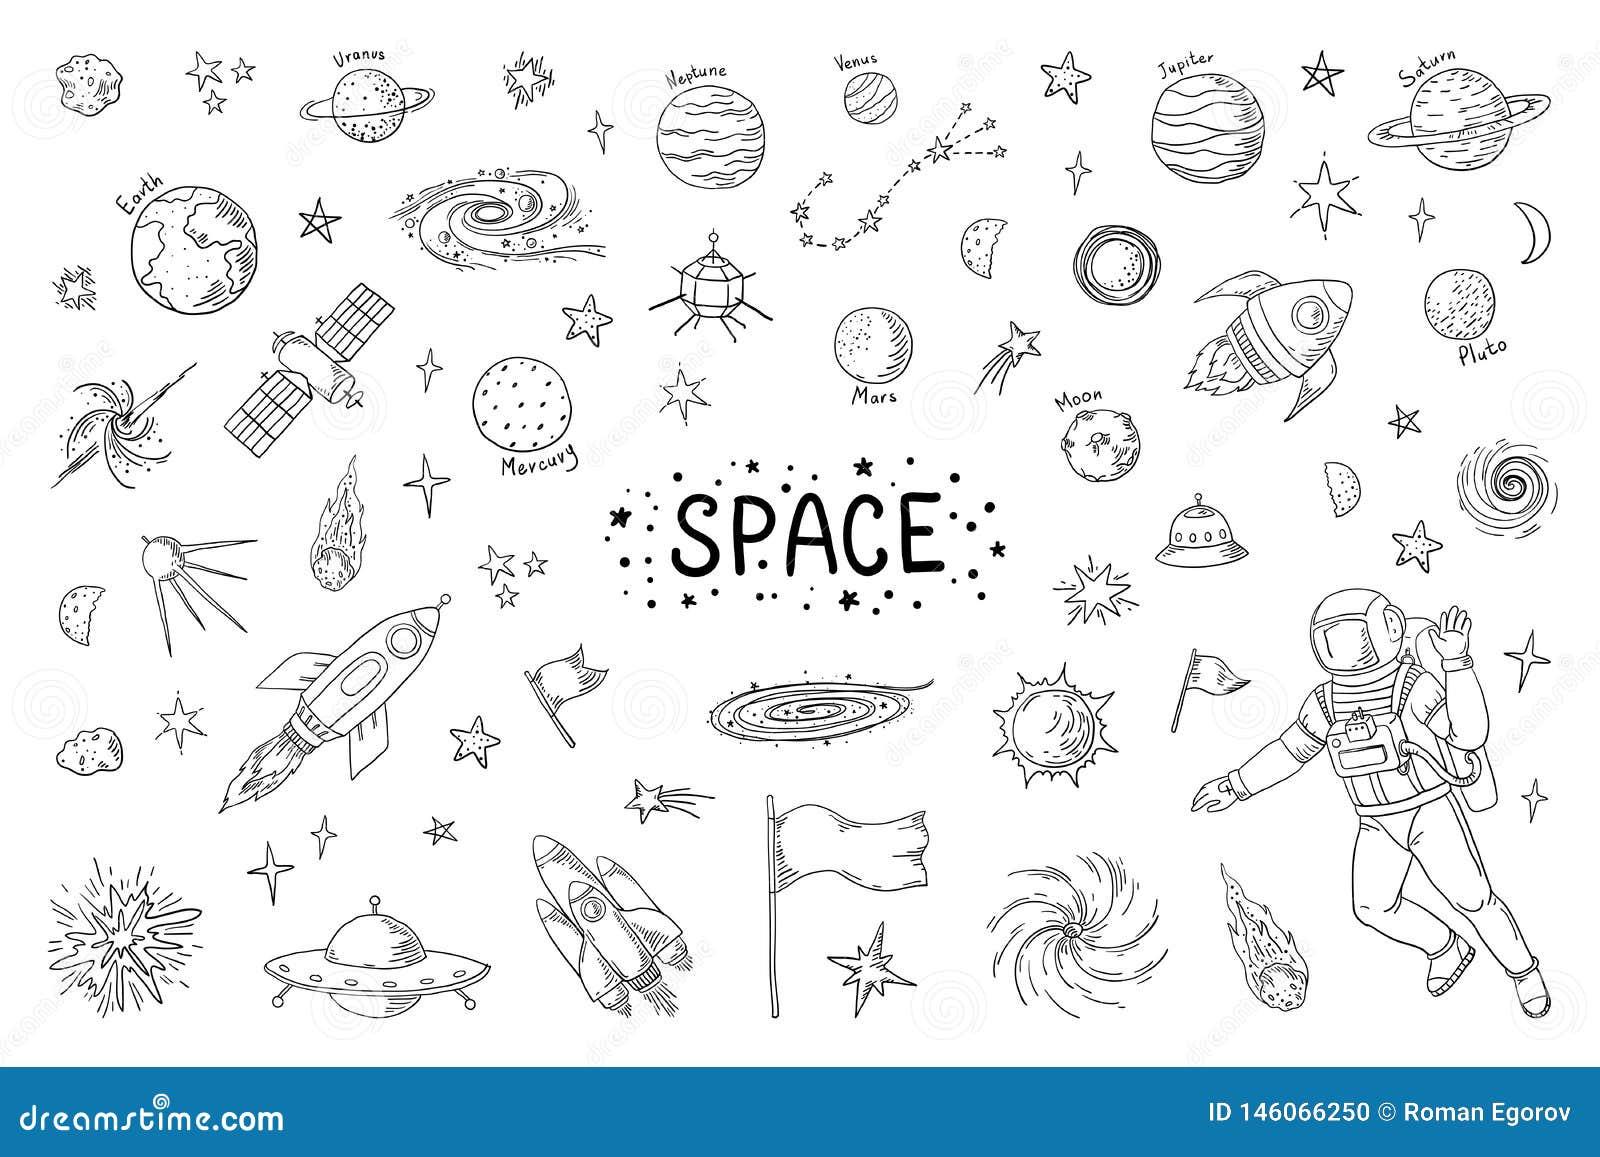 涂鸦空间 时尚宇宙模式星宇流星火箭彗星天文要素 矢量宇宙铅笔